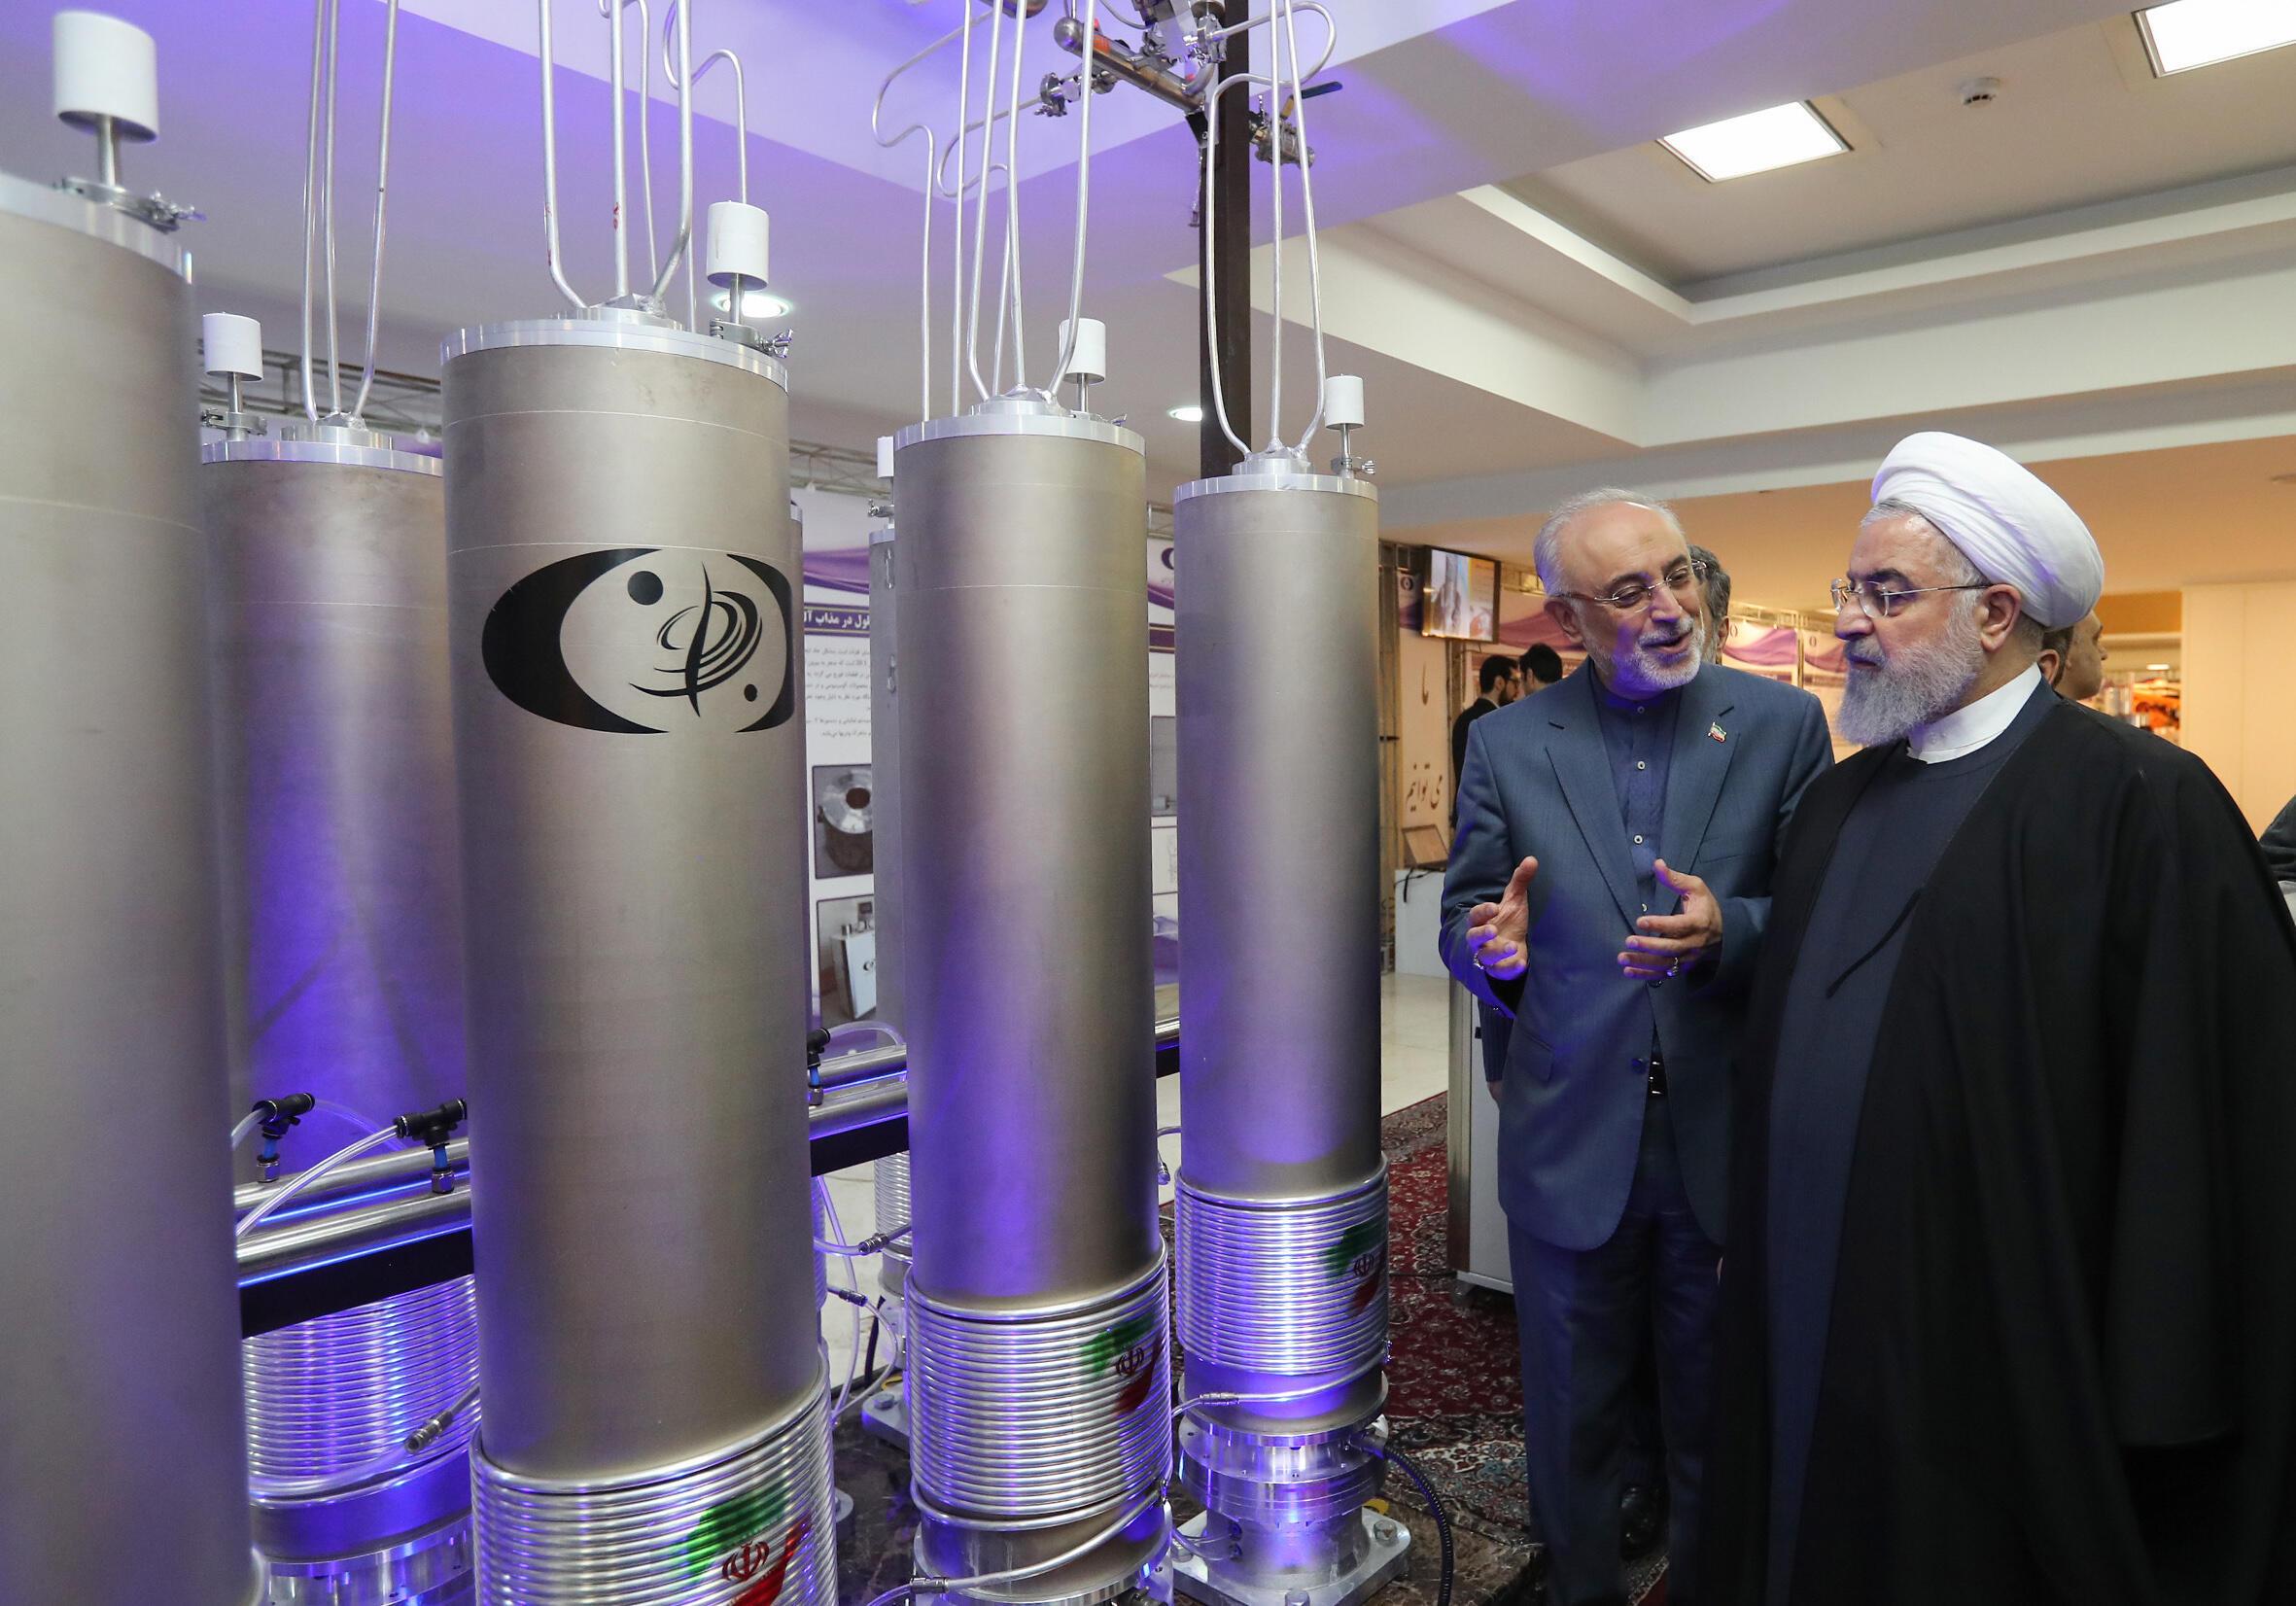 Tổng thống Iran nghe báo cáo của lãnh đạo cơ quan nguyên tử Iran Ali Akbar Salehi, ngày 9/4/2019.